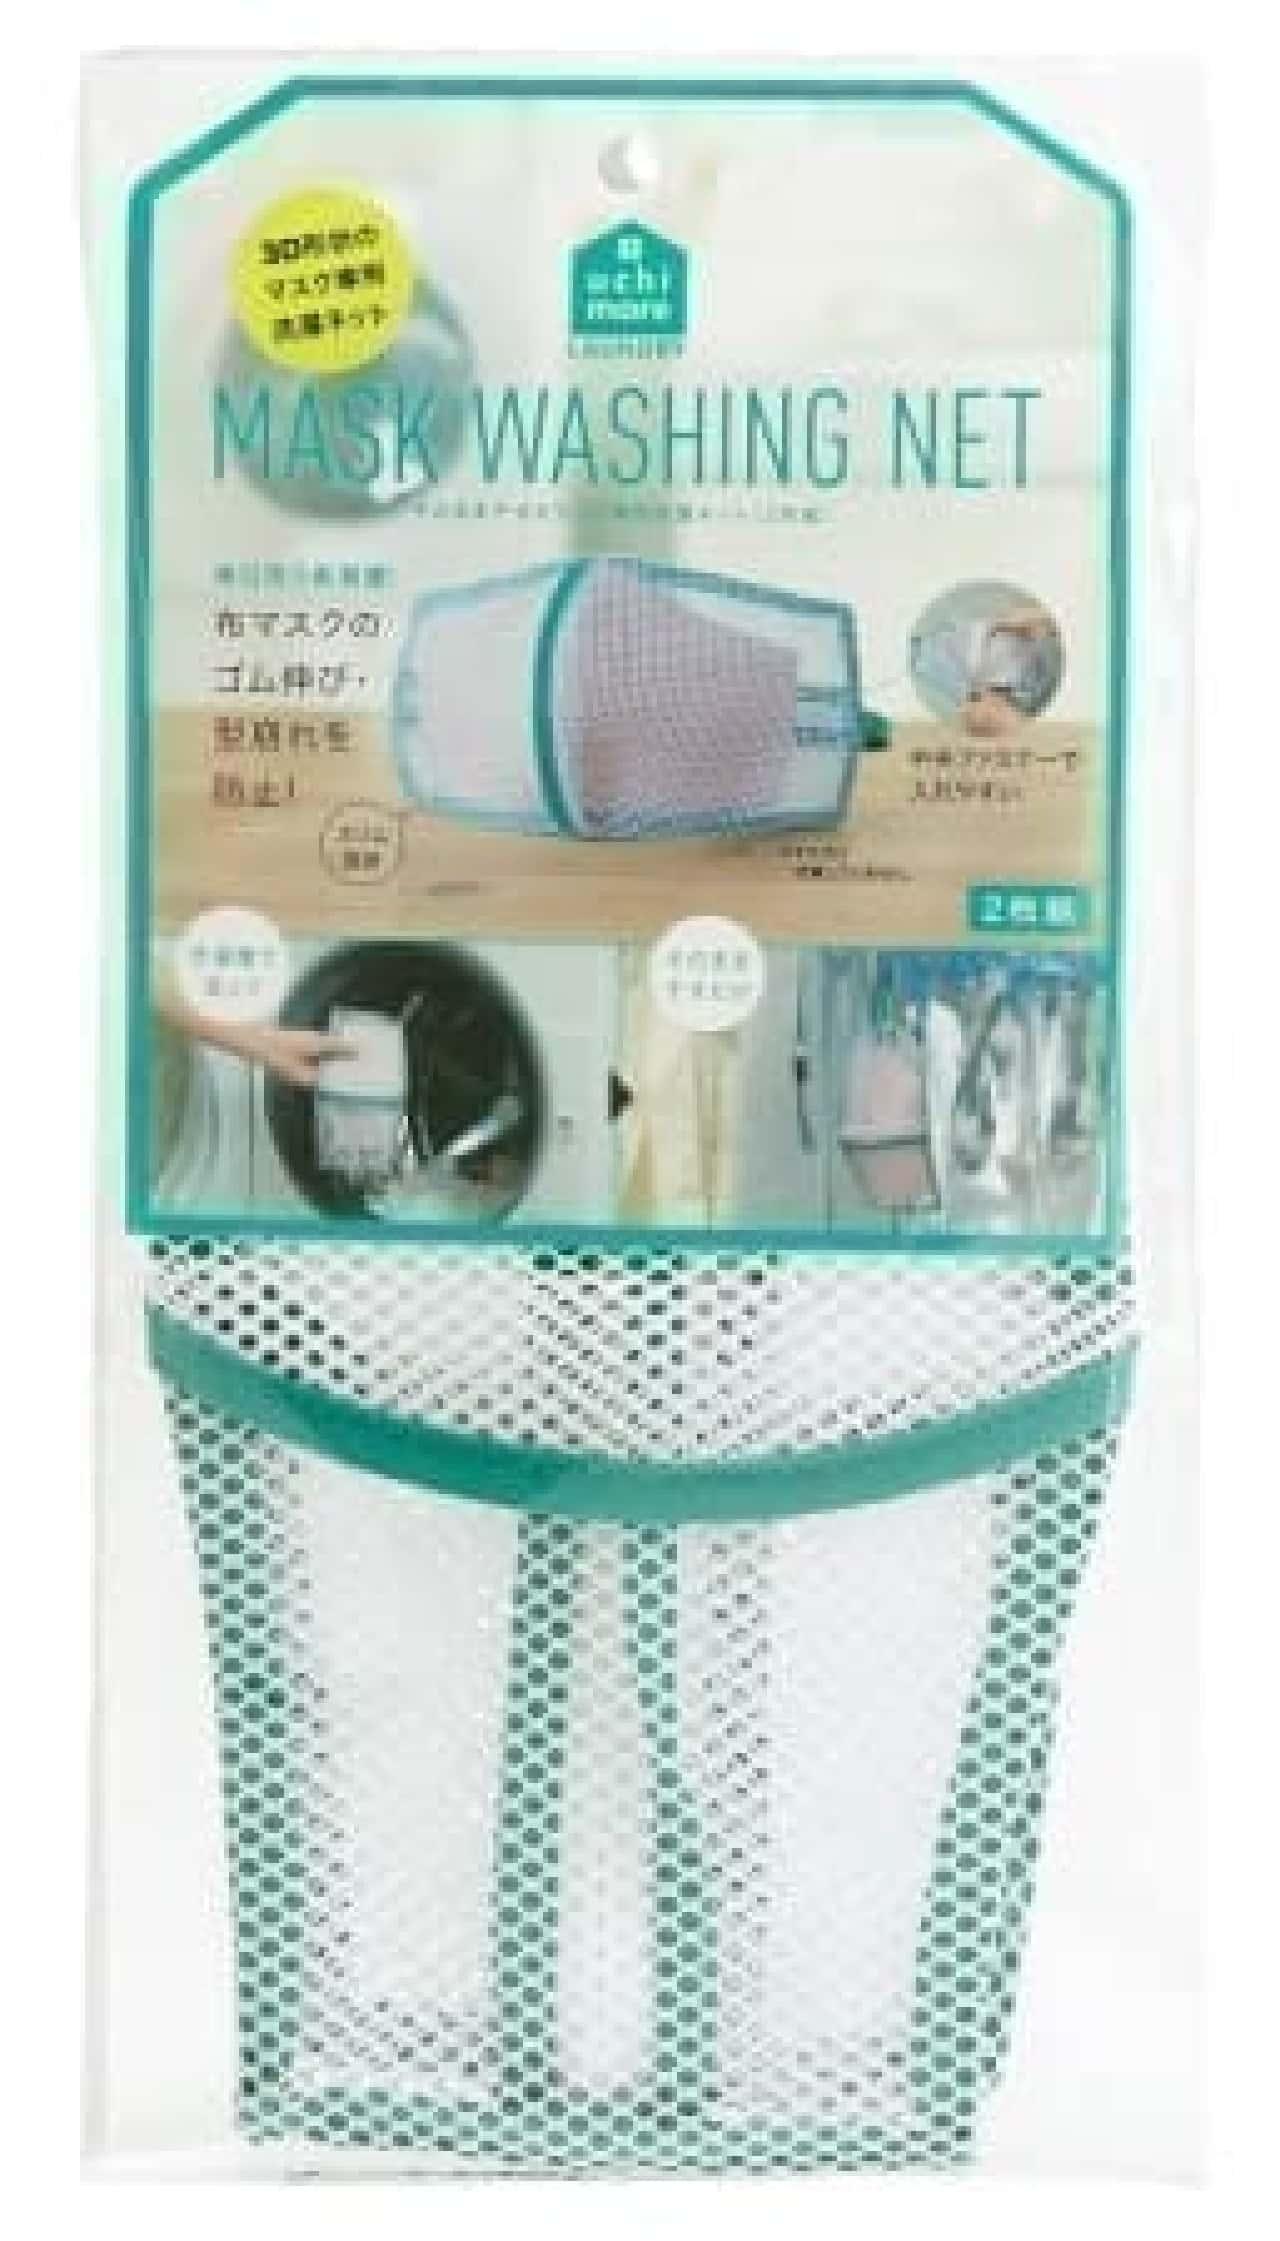 マスクの型崩れを防ぐ「そのまま干せるマスク専用洗濯ネット」 -- ゴム伸びも防止